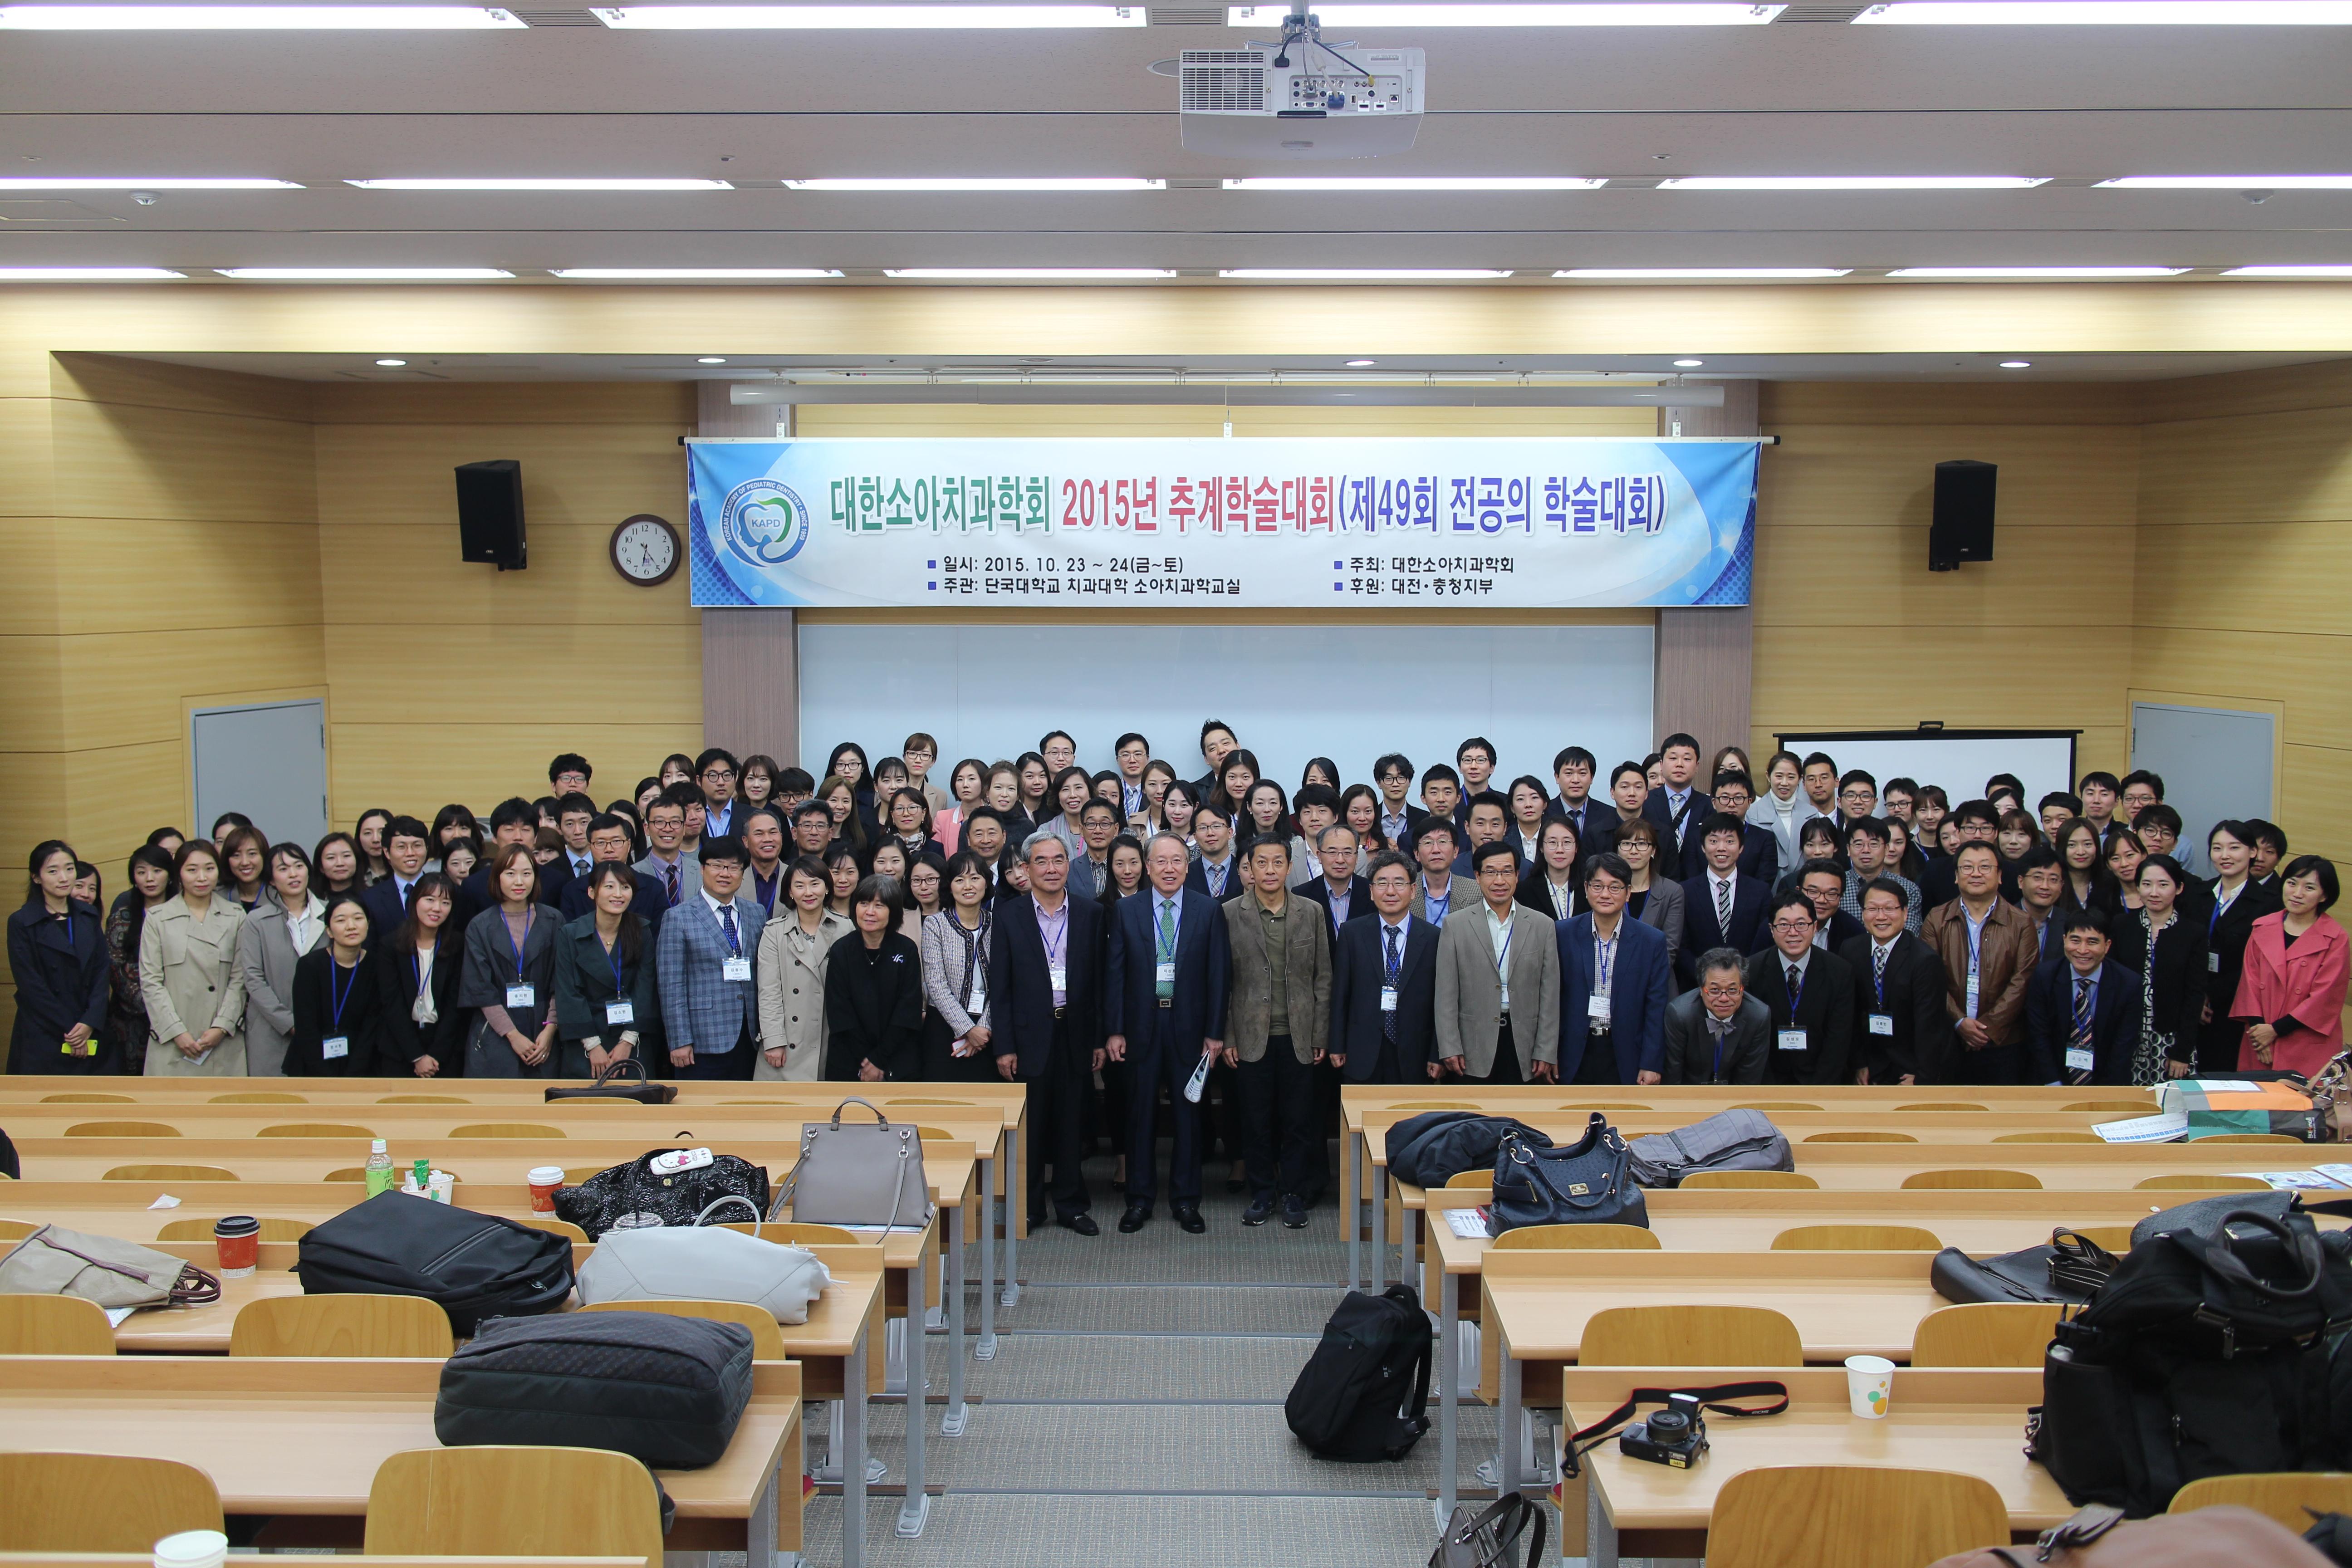 2015 The 49th Autumn Scientific Meeting